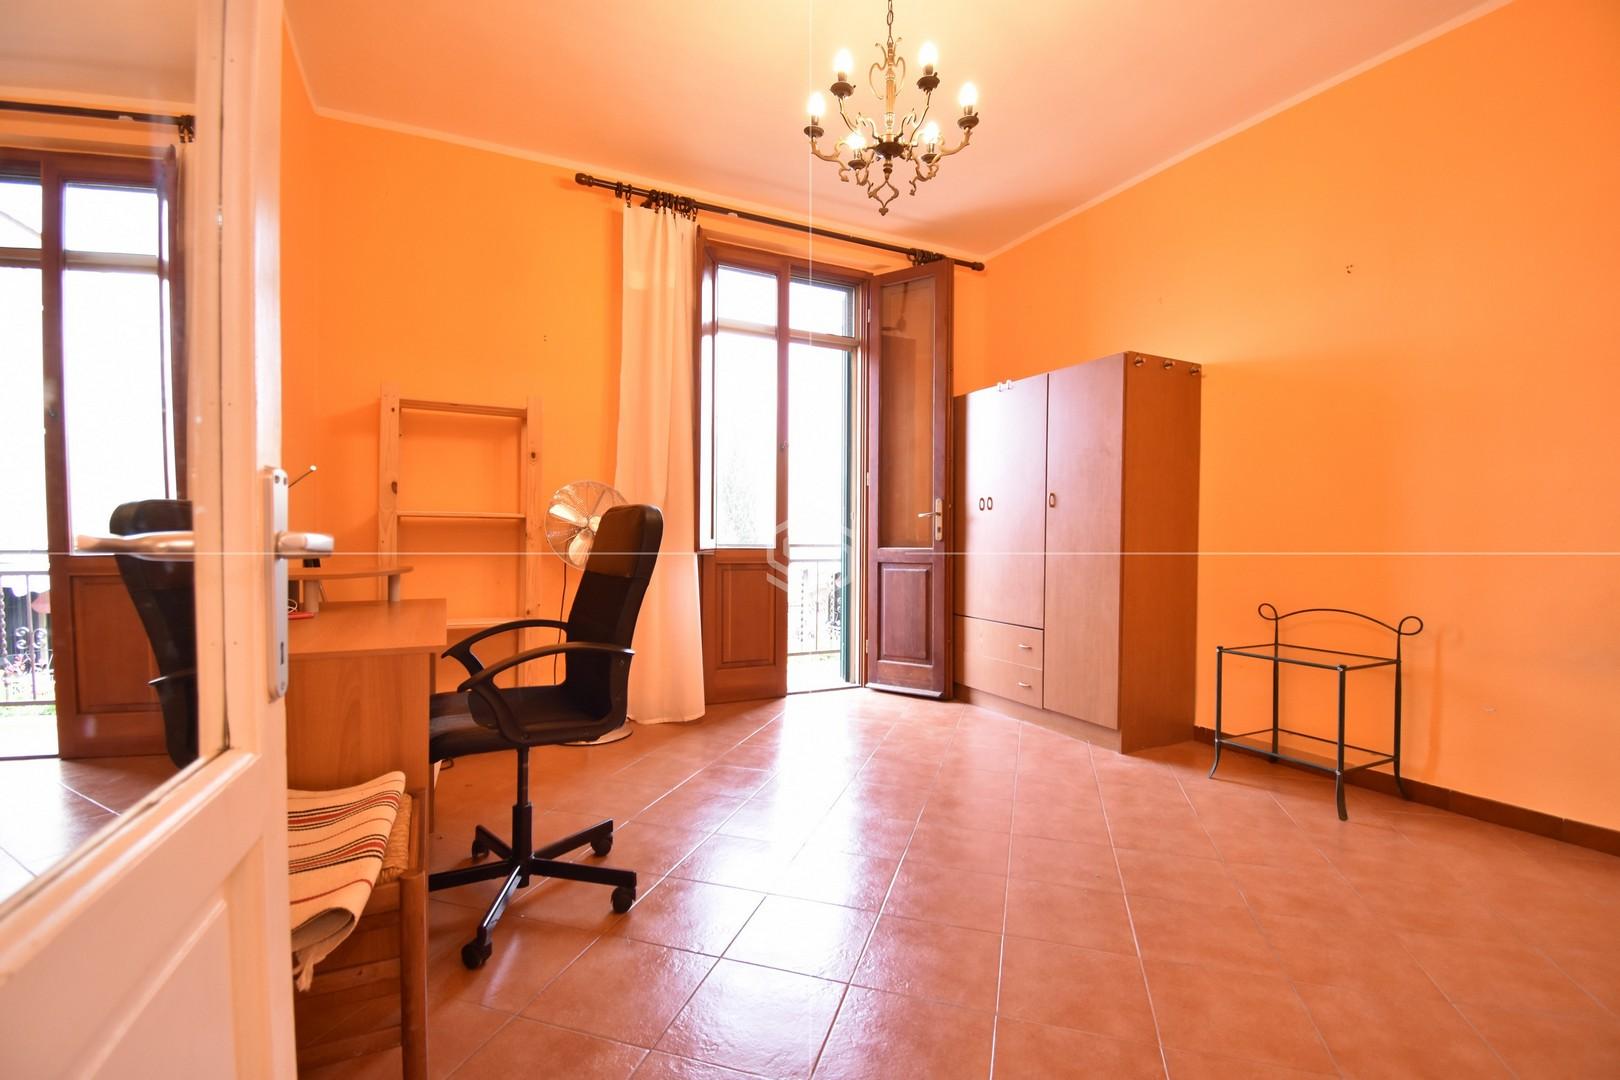 Appartamento in vendita con giardino | Barbaricina, Pisa